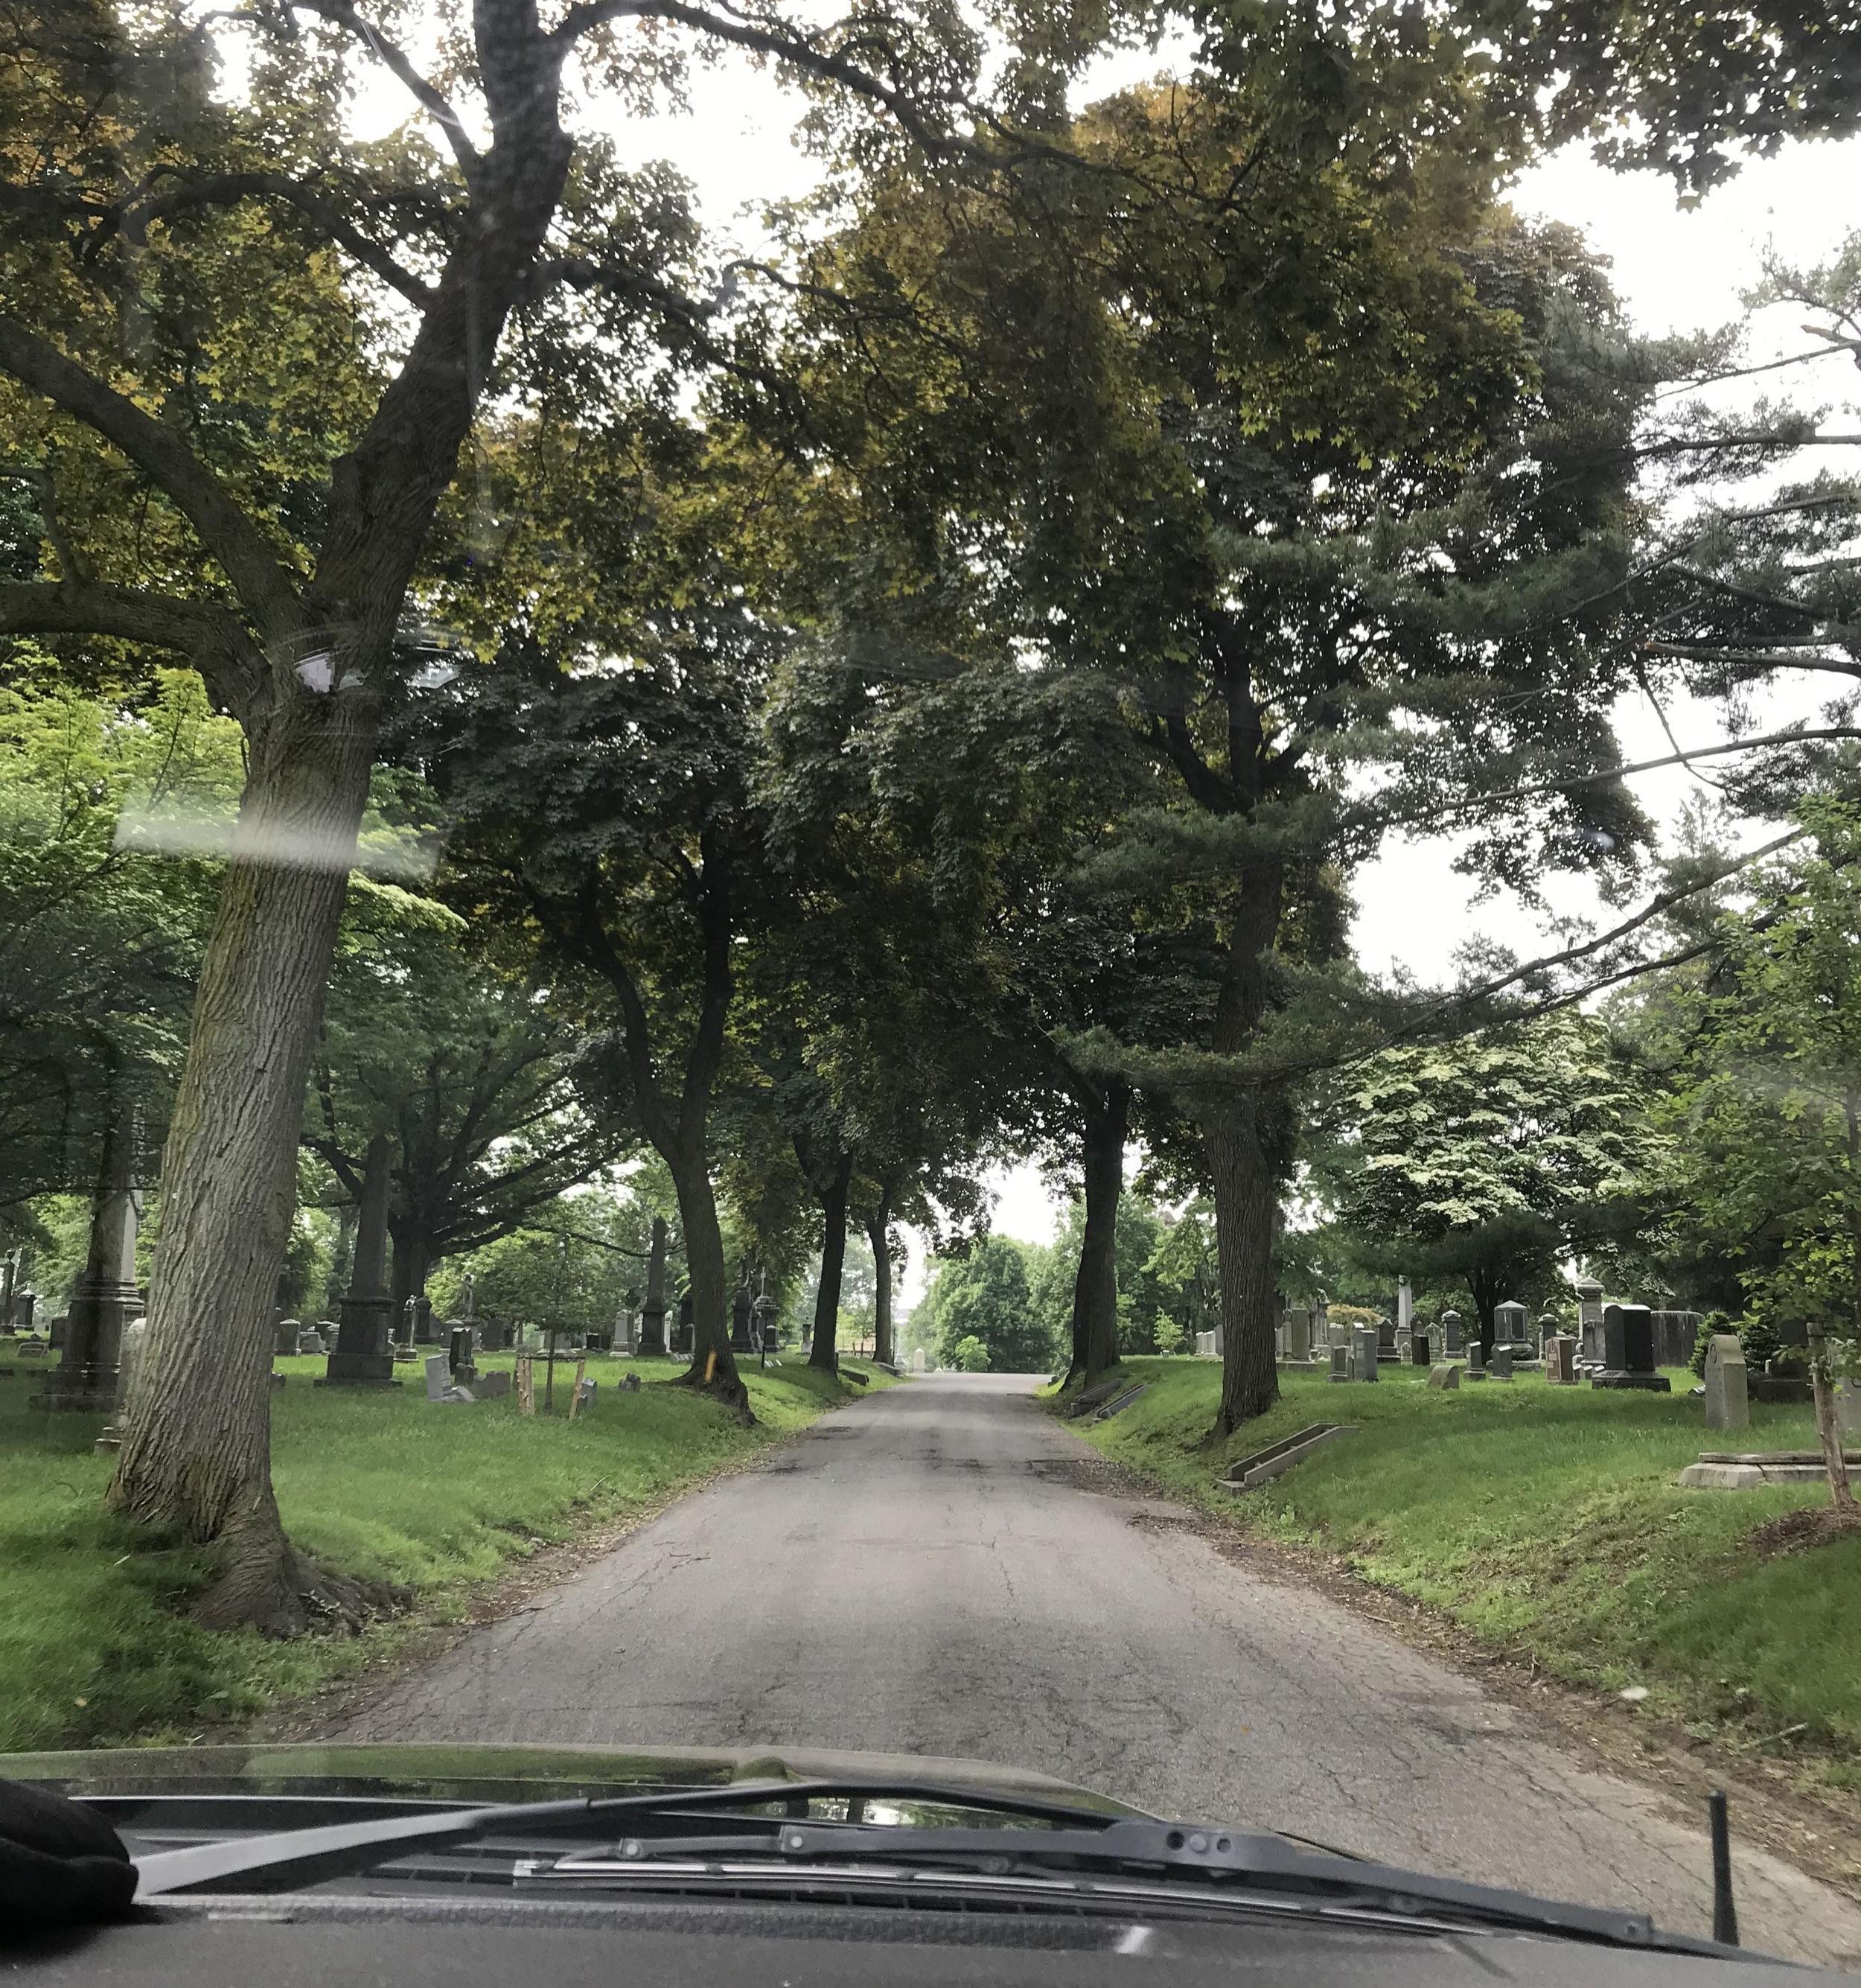 Tree coverage on Vine Street